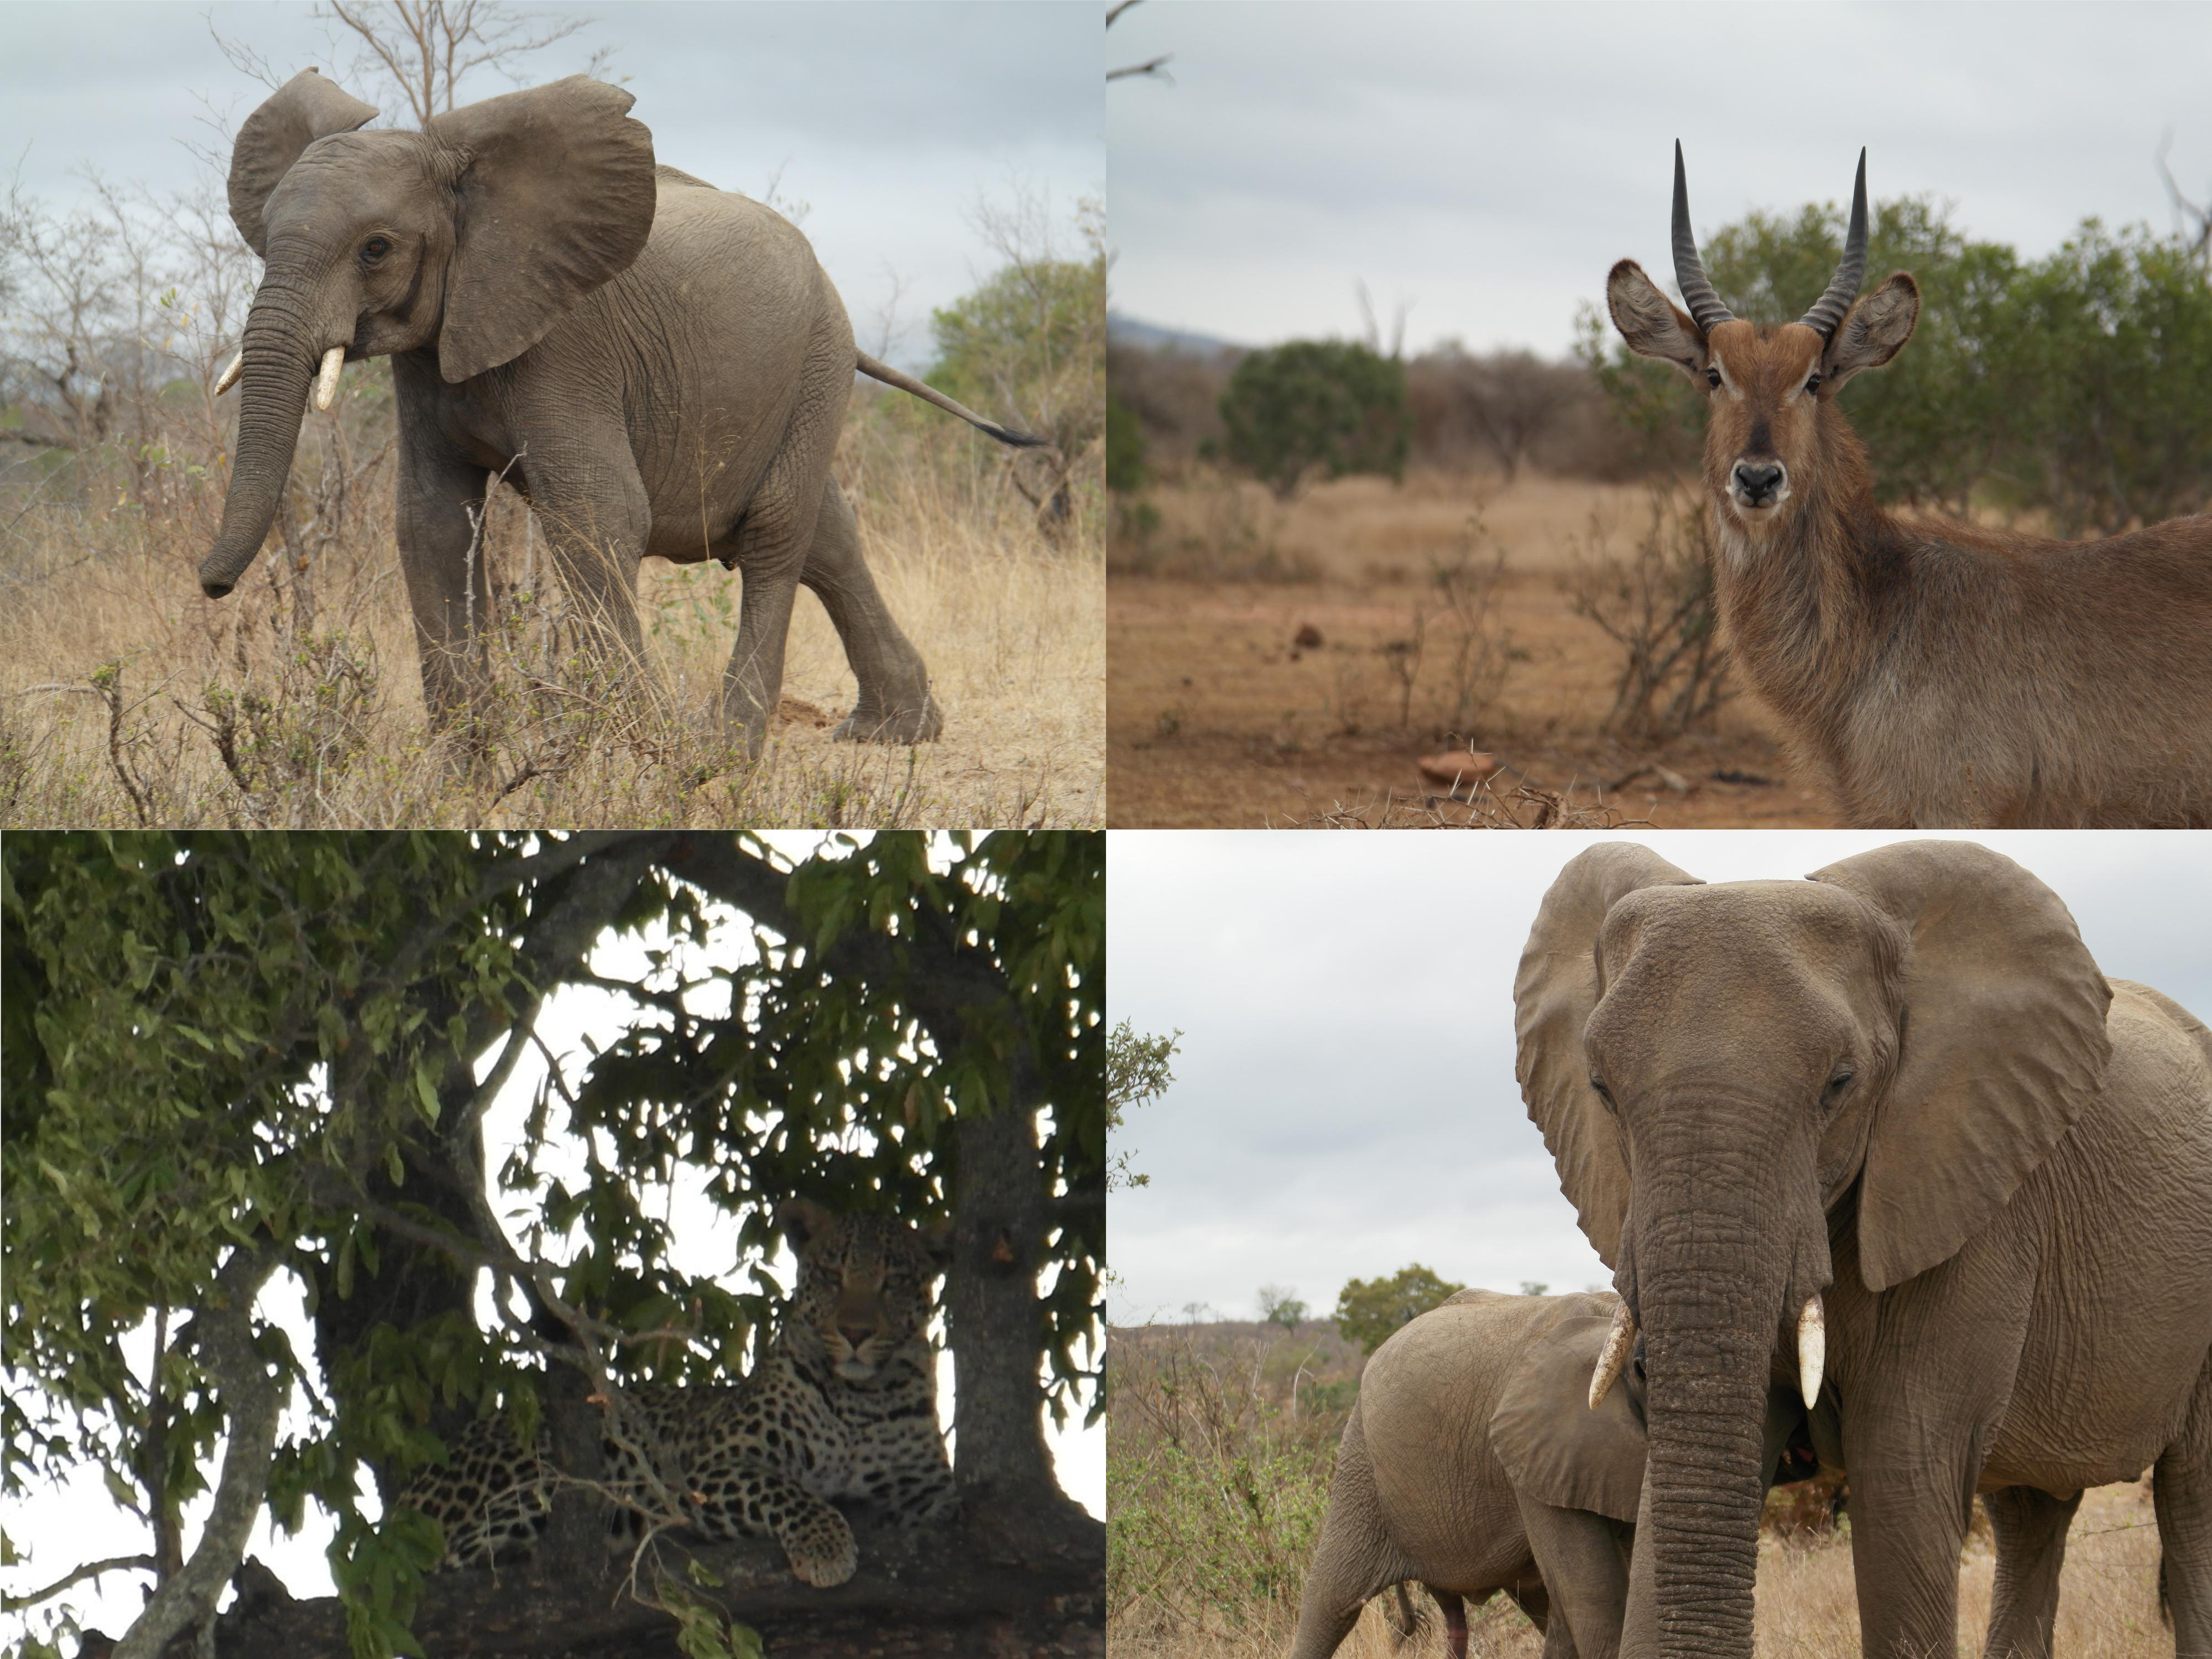 Als er een dier moeilijk te spotten is, dan is het de luipaard wel. Althans dat is wat je veel hoort. Wij hadden enorm veel geluk. Toen we aankwamen in het Krugerpark vroeg een man: Is dit jullie eerste keer hier? Dan moet je deze route pakken, gegarandeerd veel dieren. Wij hadden al enorm veel dieren gespot, maar de luipaard stond hoog op ons lijstje. Dat was het enige dier dat wij echt nog niet gezien hadden. We stonden bij een kruising en moesten kiezen. Links was het erg druk bij een boom, dus het kon niet anders dachten wij. En jawel, de luipaard. Het duurde even voor we een mooi plekje hadden, maar het was gelukt. Wauw wat een machtig mooi dier. En dat in 2,5 uur tijd, waarvan we er ruim een uur bij het luipaard hebben gestaan.